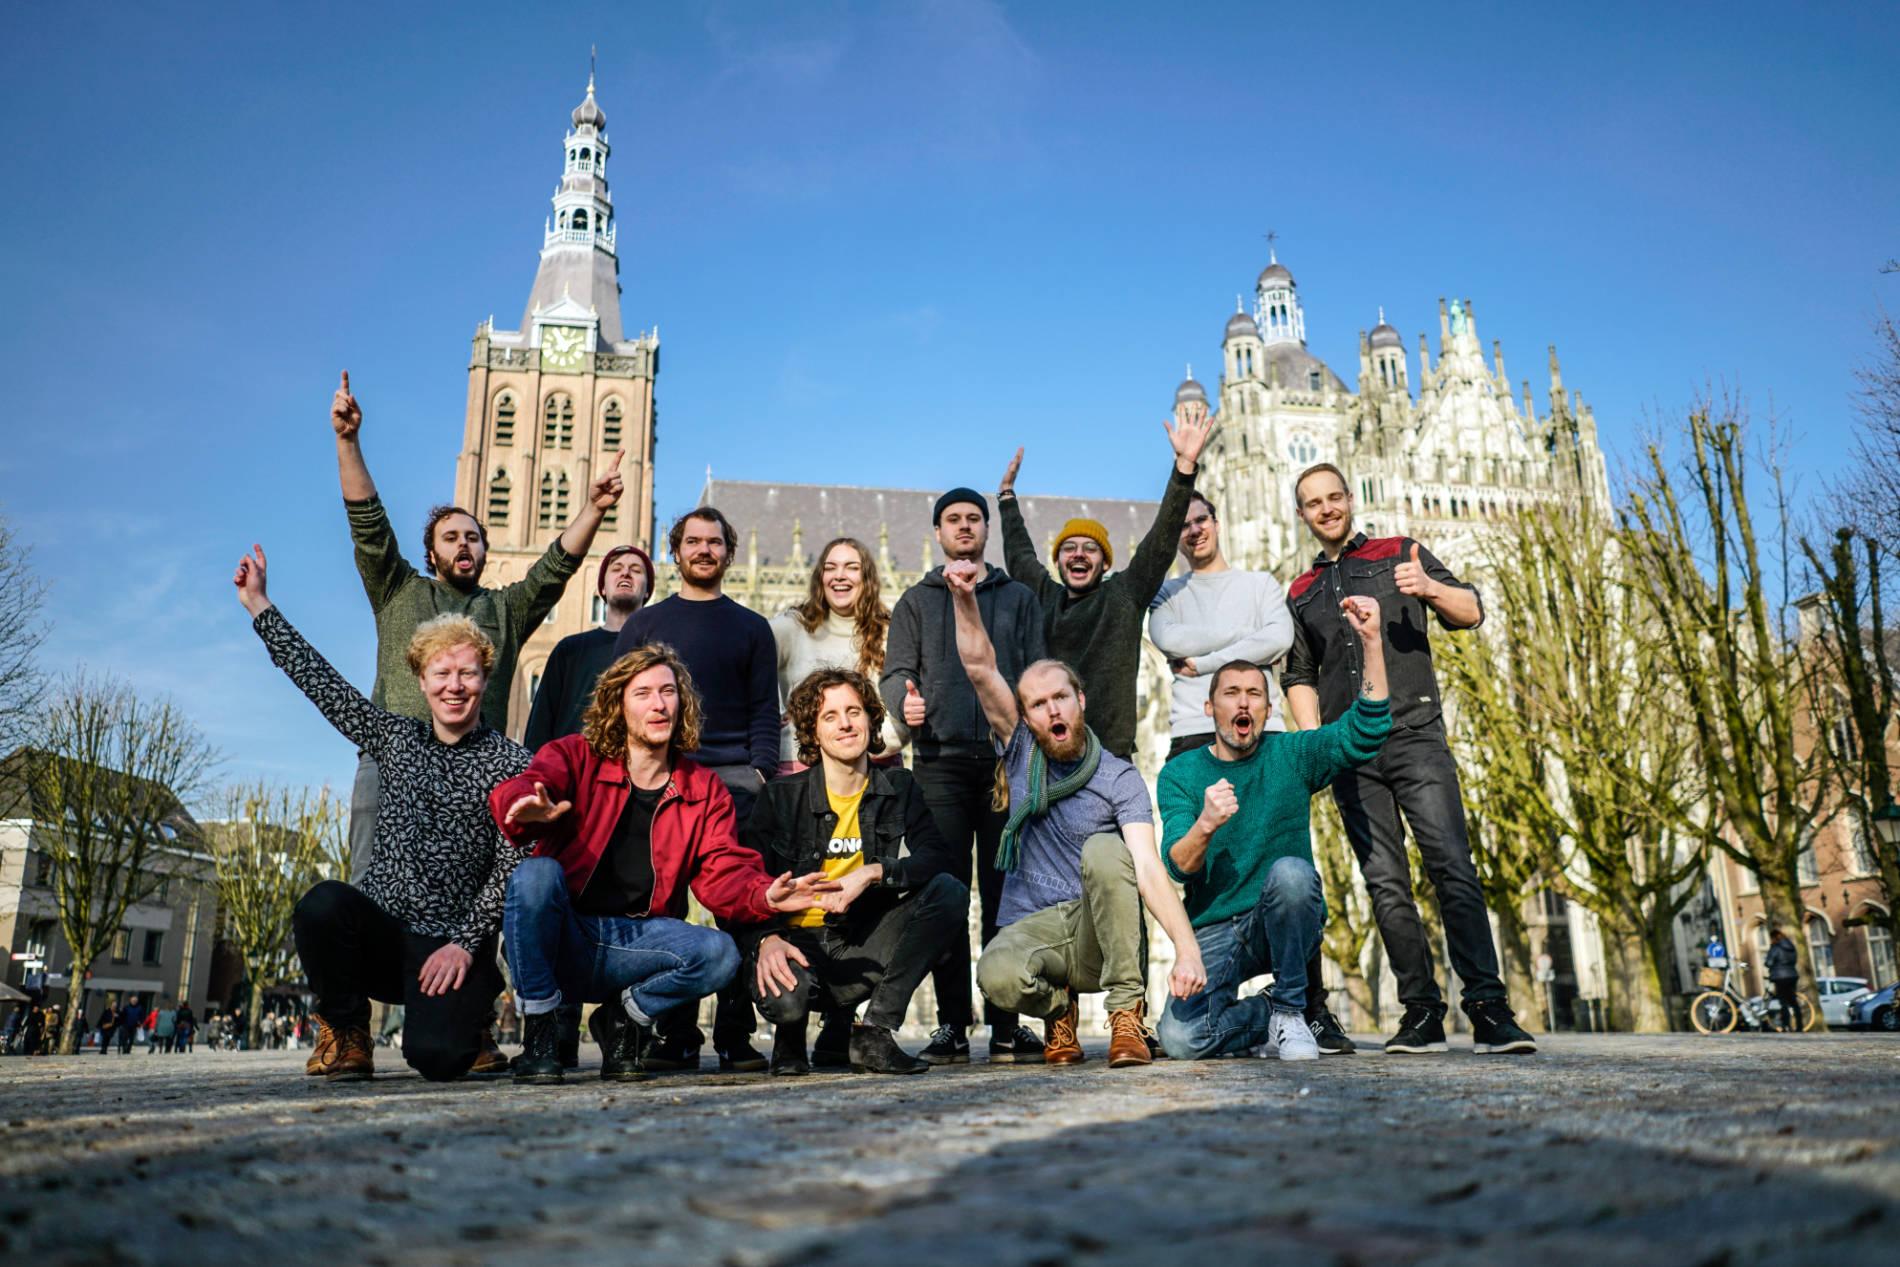 Teamfoto - Muziekles Den Bosch - 's Hertogenbosch